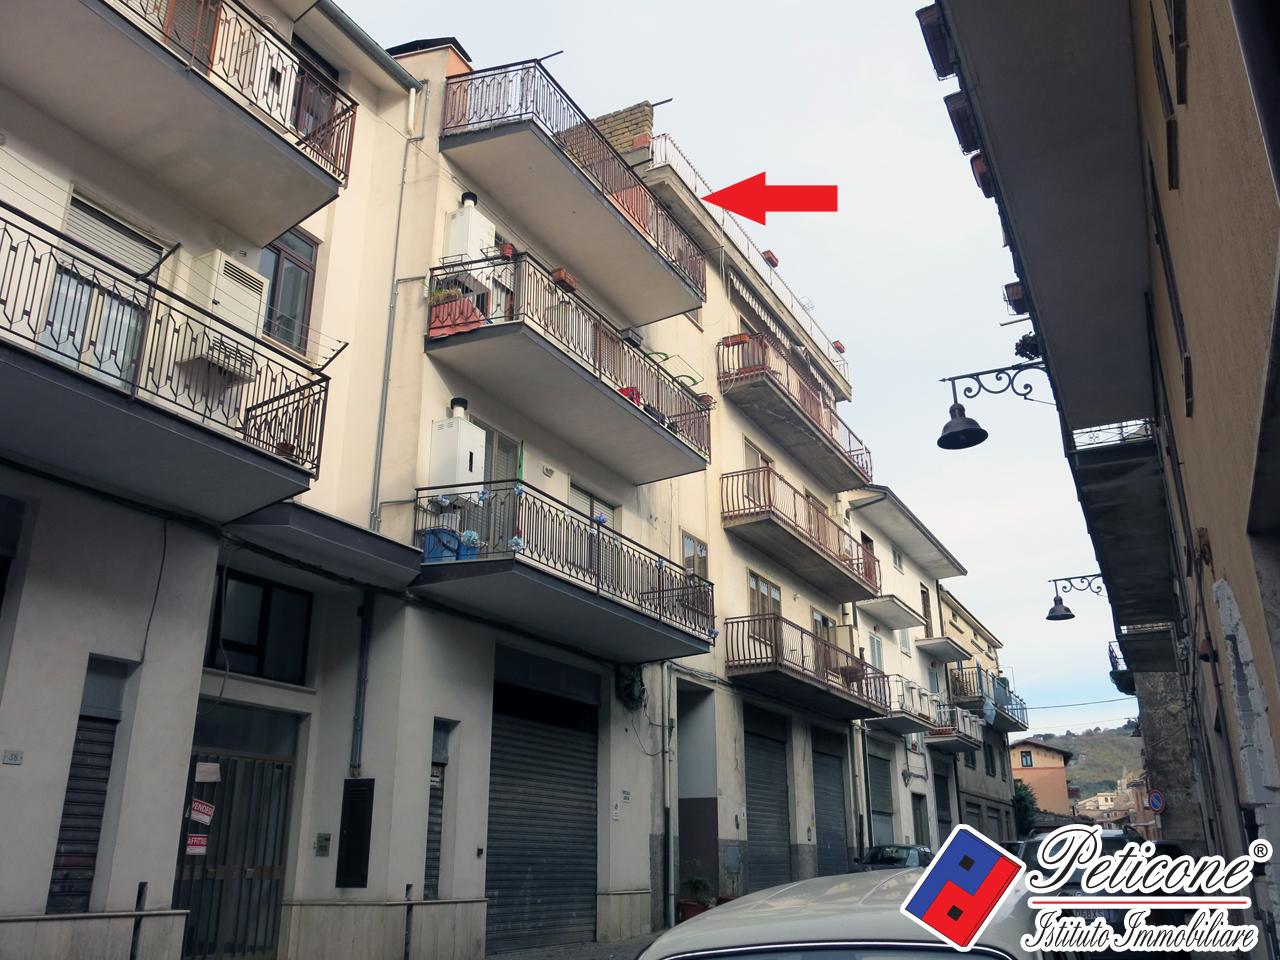 Appartamento in vendita a Lenola, 4 locali, zona Località: Centro, prezzo € 28.000 | PortaleAgenzieImmobiliari.it